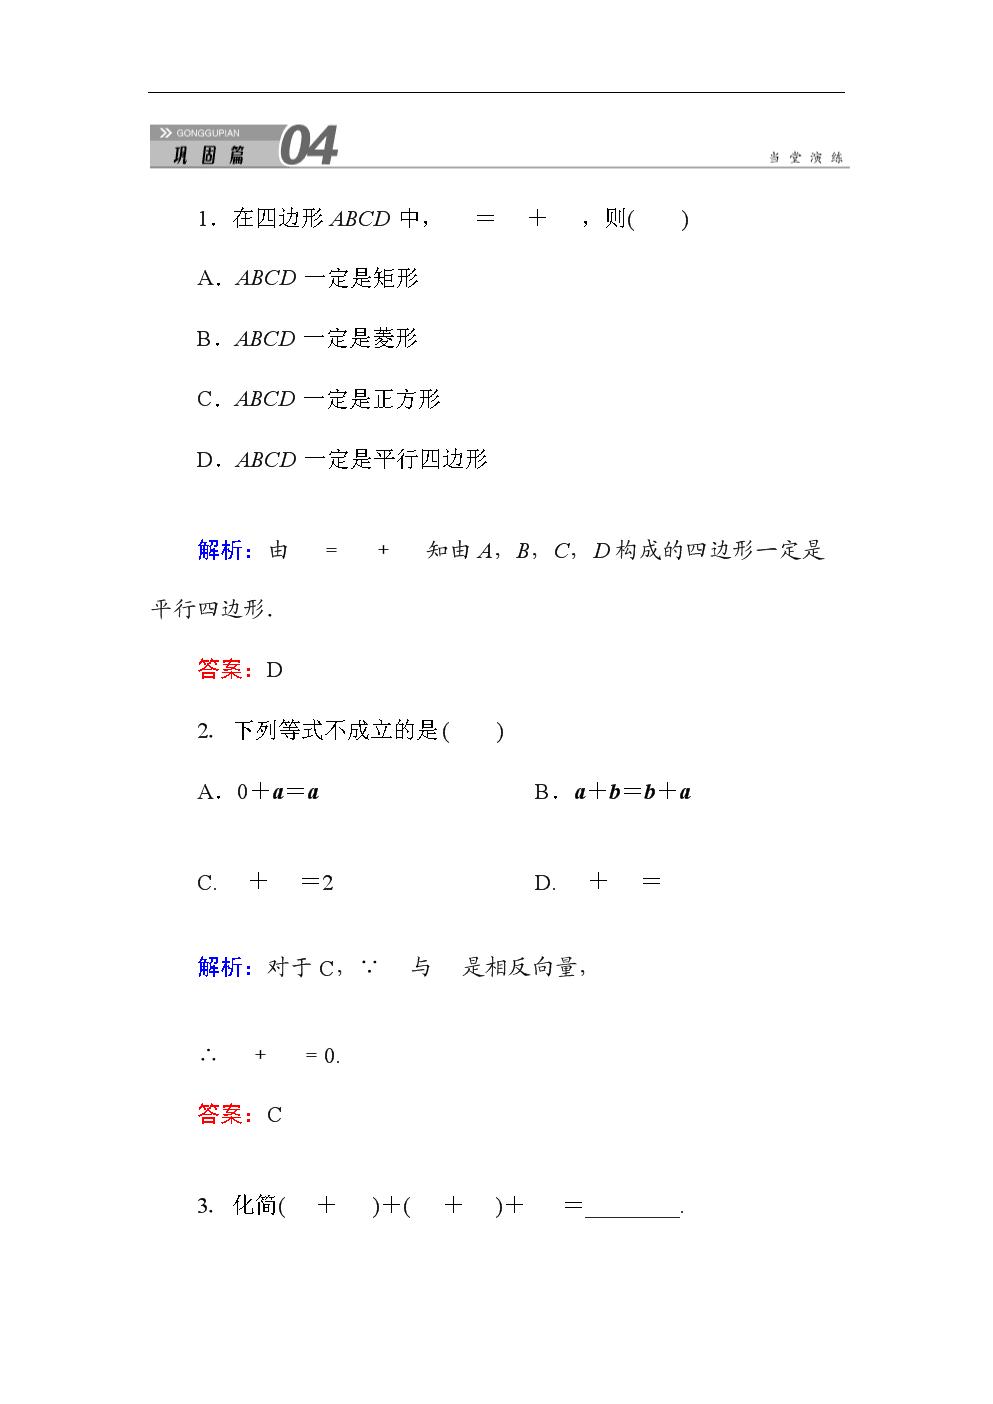 人教A版高中数学必修4练习手册:2-2-1向量加法运算及其几何意义(附答案).doc